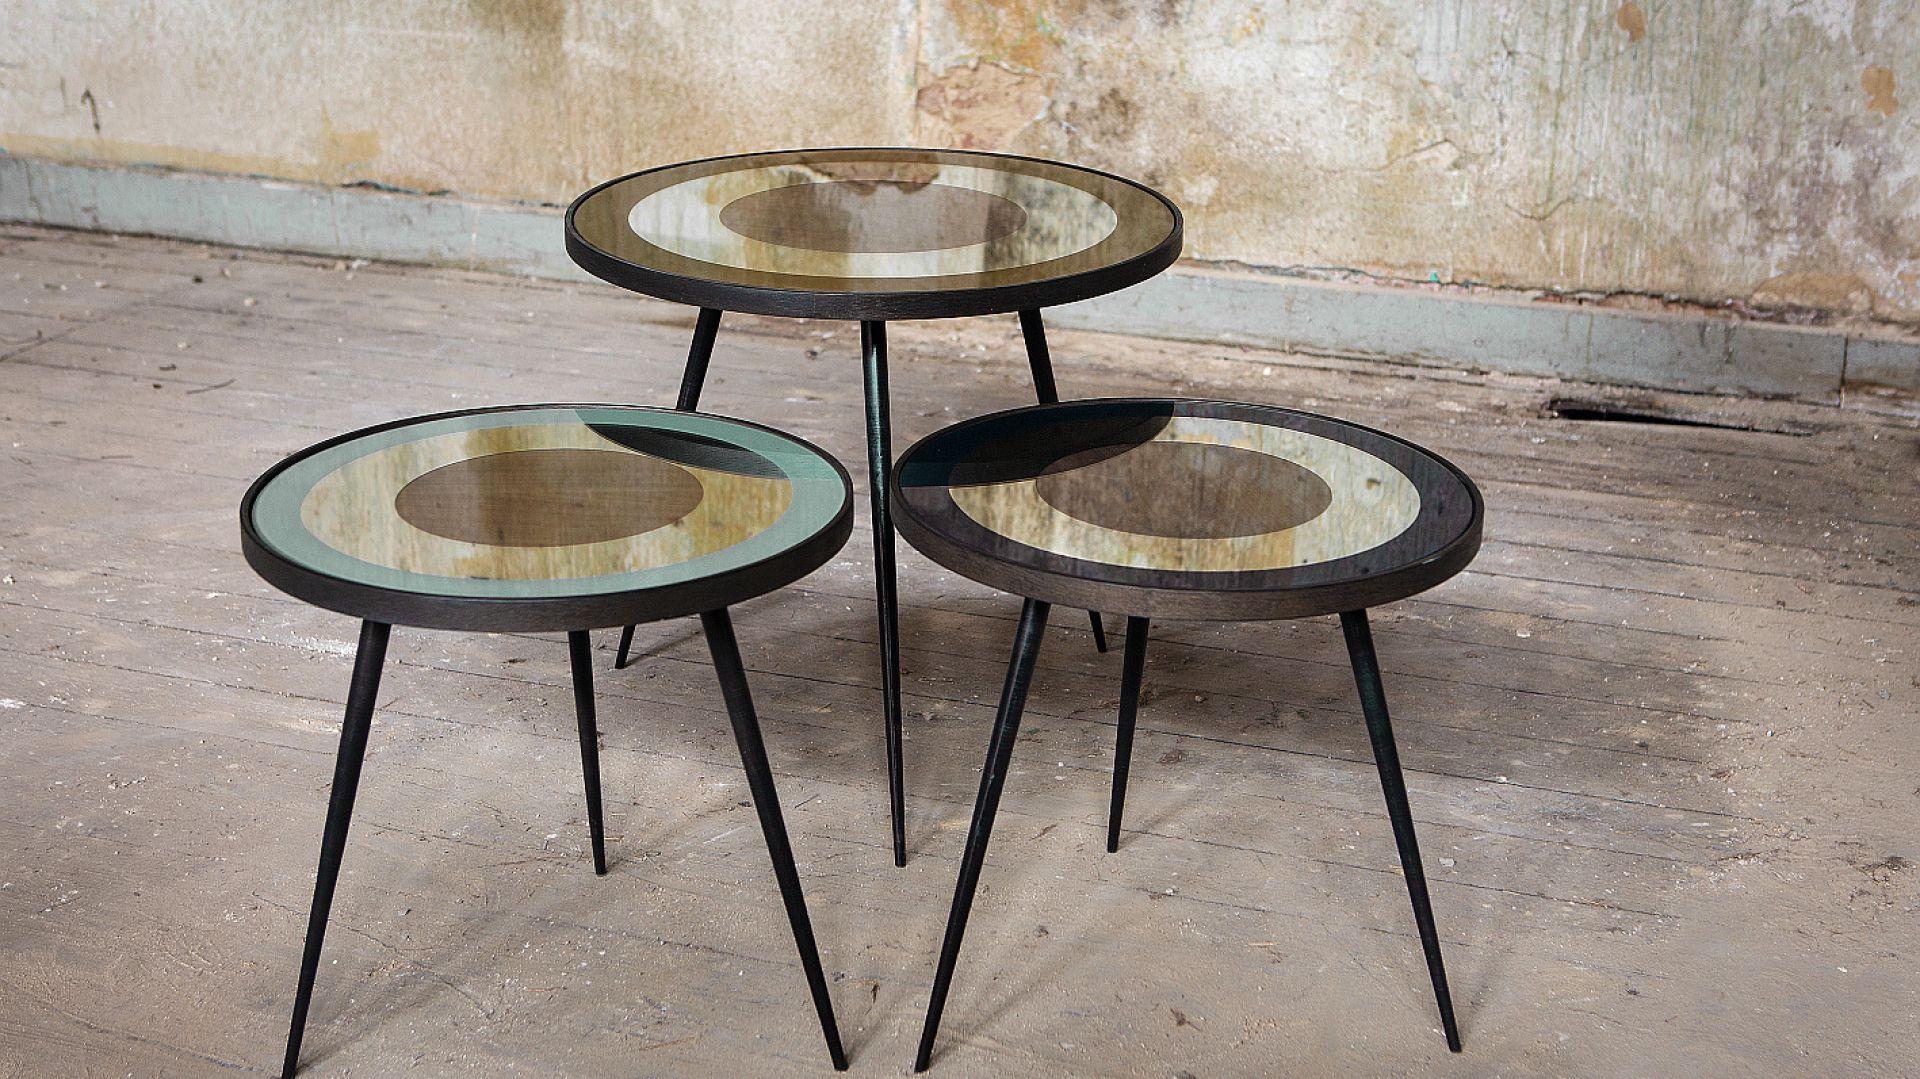 Stolik kawowy Bullseye składa się z blatu lustrzanego, częściowo pomalowanego na zielony kolor i metalowej ramy. W kolekcji dostępne są trzy stoliki o różnych wymiarach i kolorach. Poza niebieskim, jest także złoty i zielony. Fot. Notre Monde